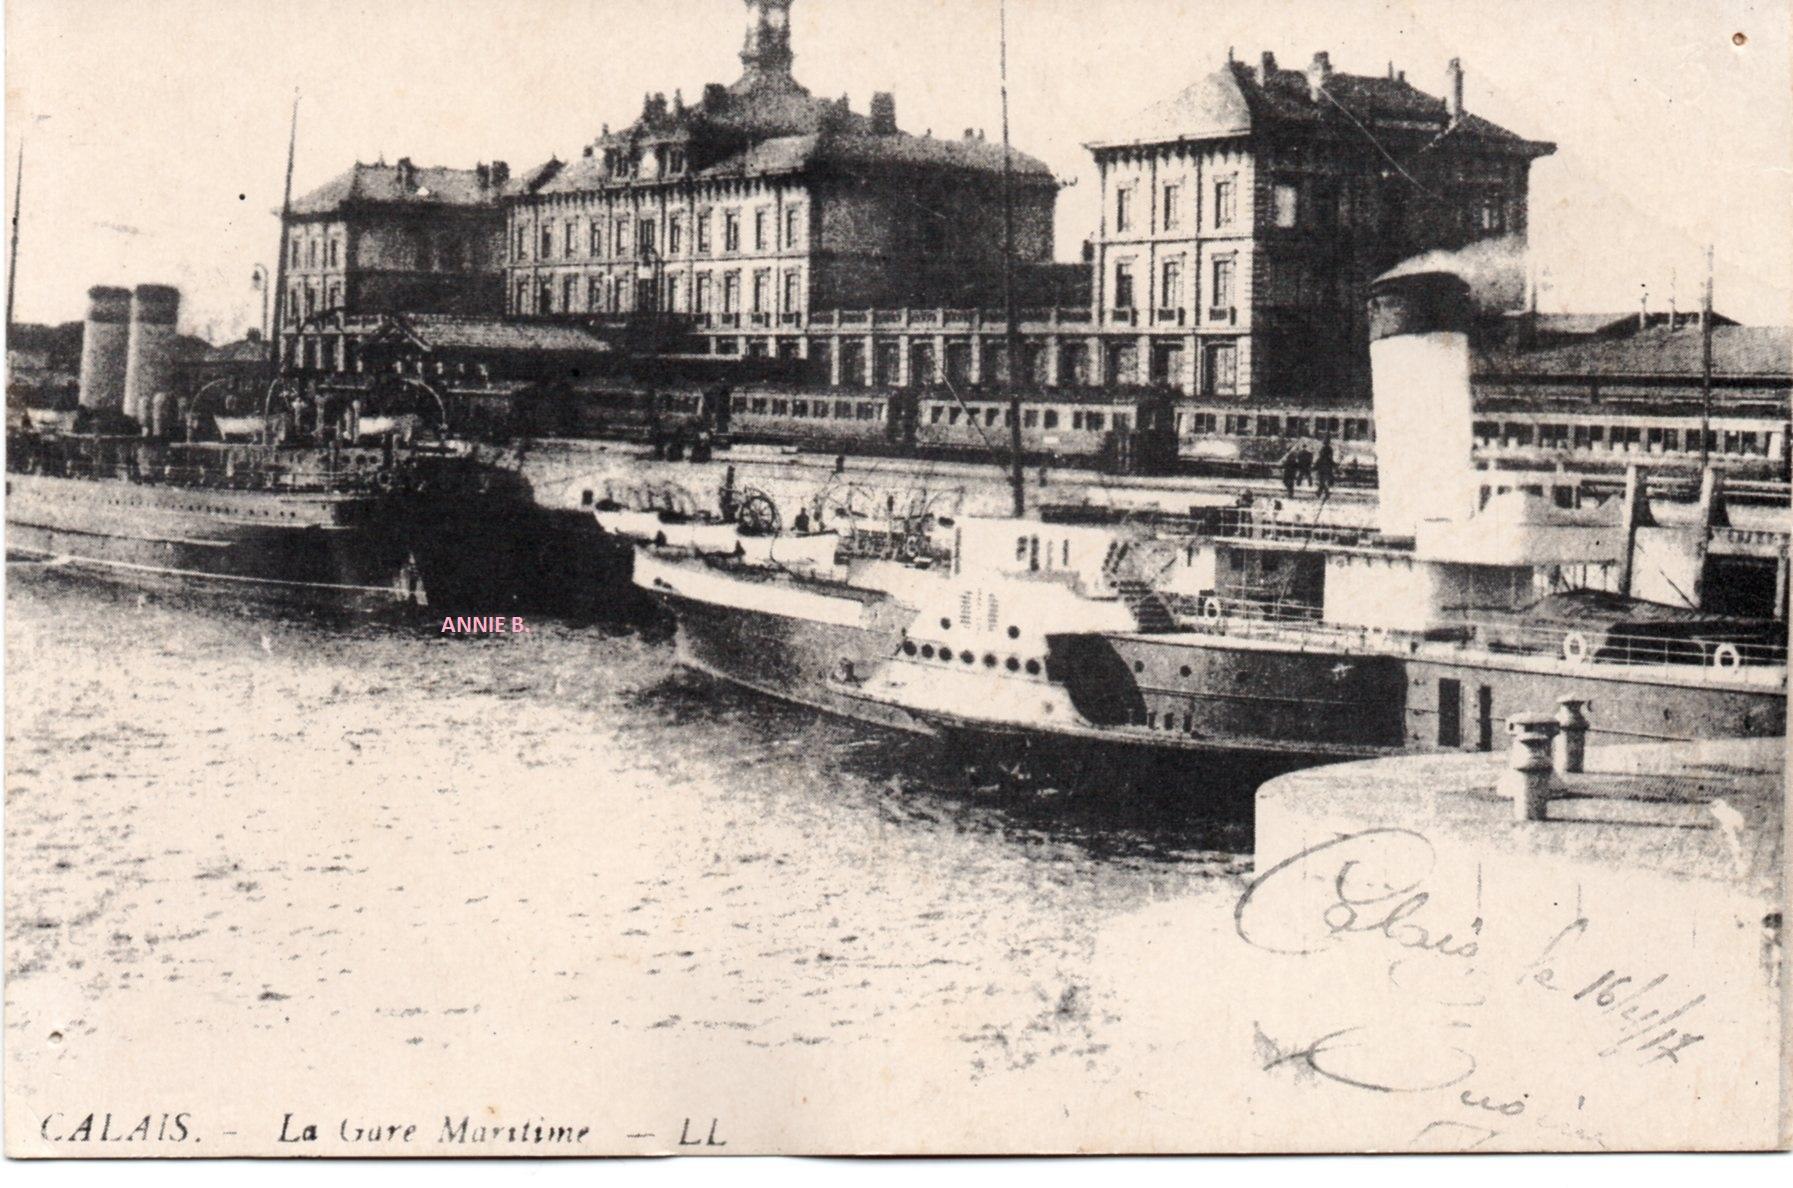 Ancienne gare maritime proche du Courgain maritime de Calais